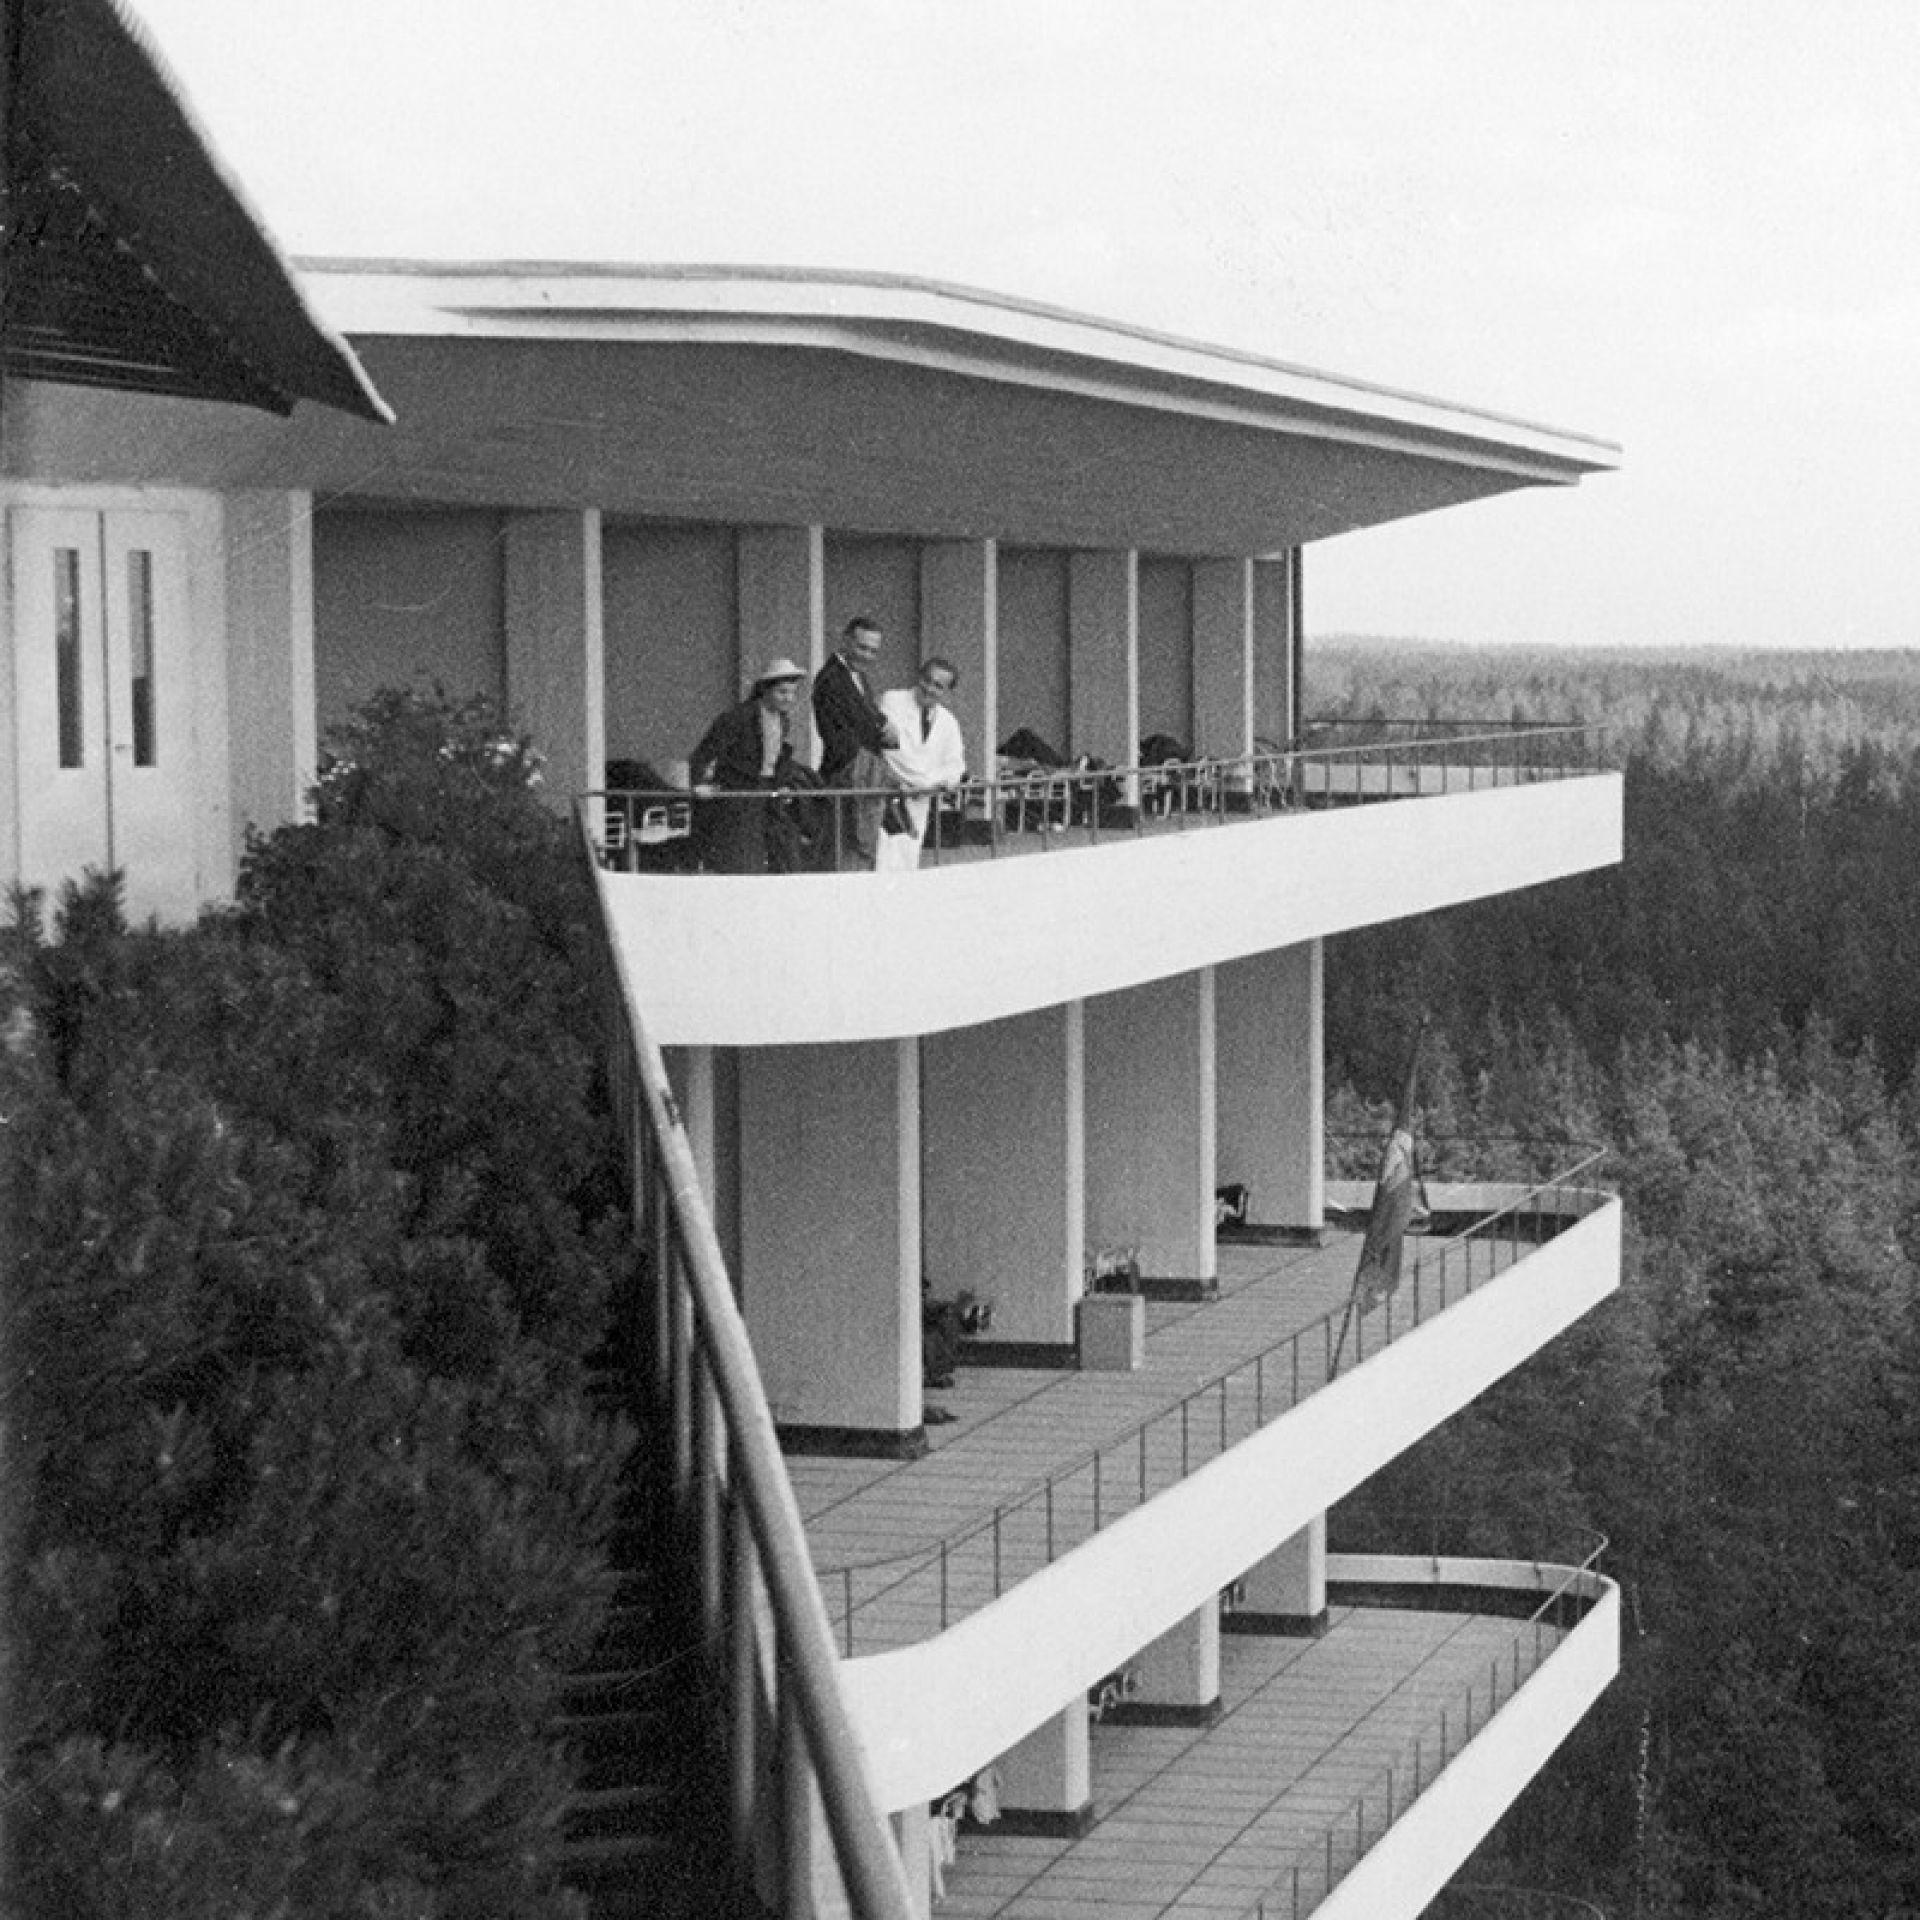 Alvar und Aino Aalto auf einem der Balkone des Paimio-Sanatoriums   Foto: Square Interwoven